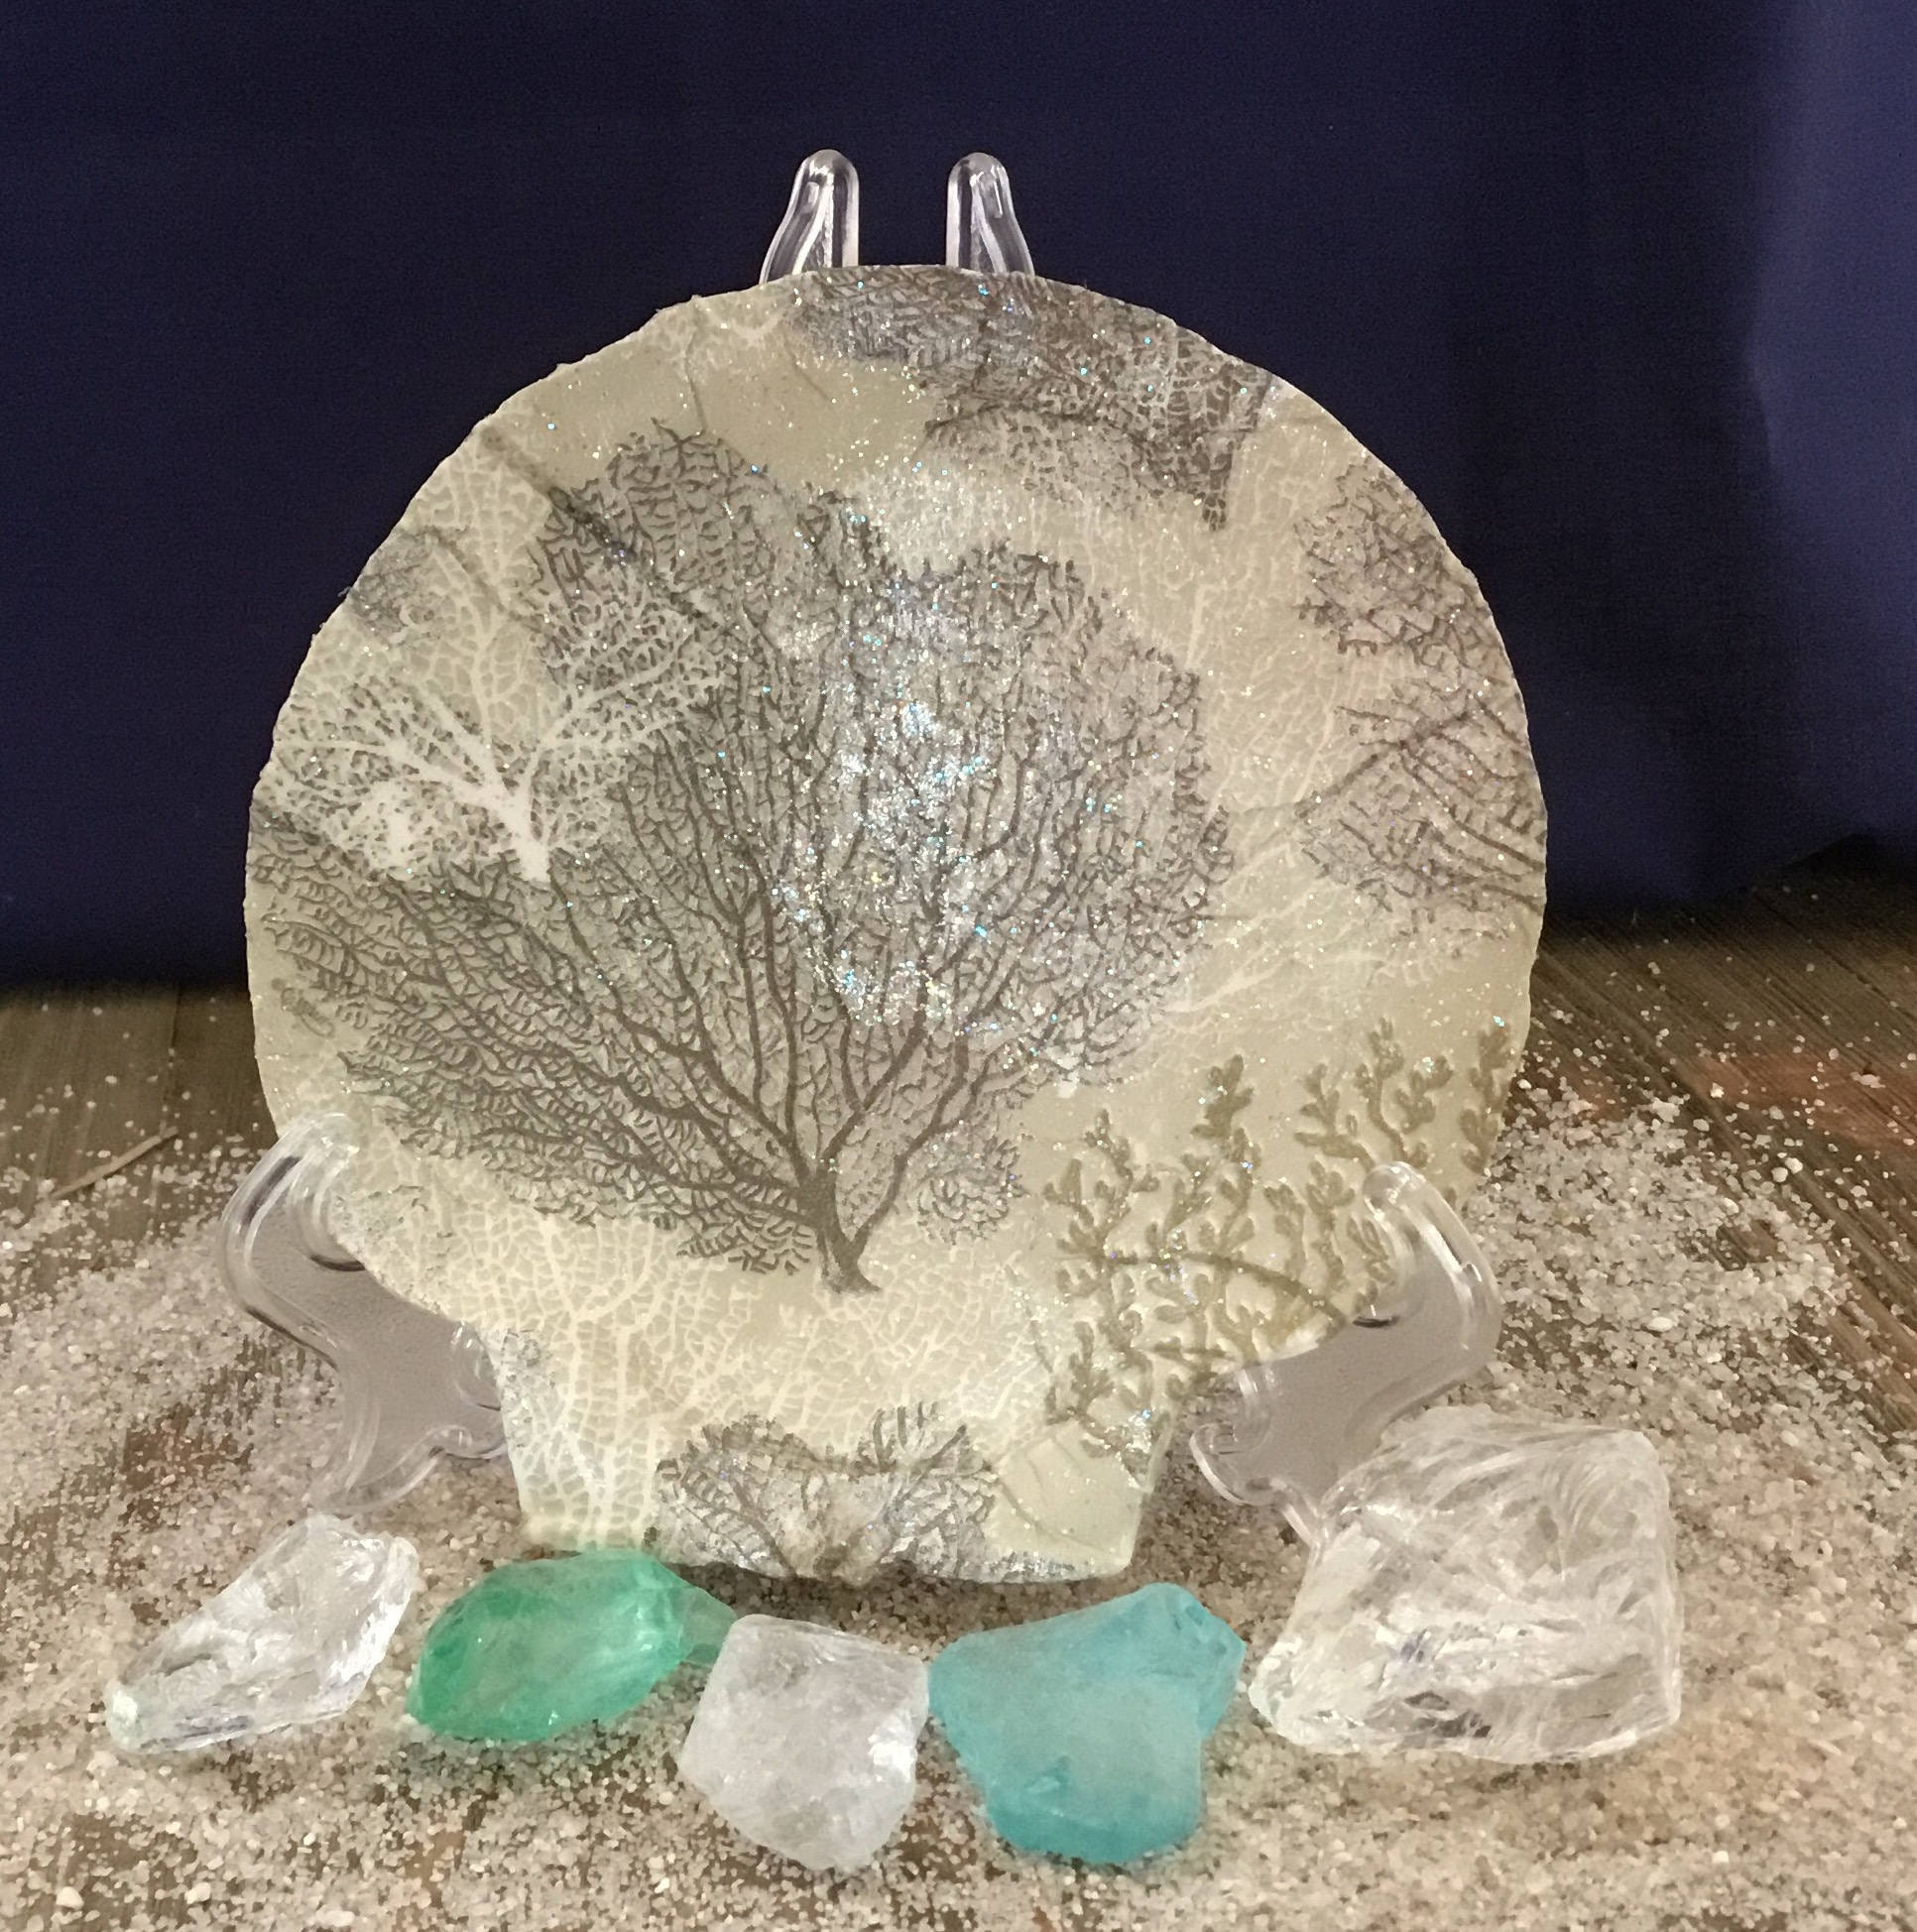 Sea Fan Coral, Marine Sea Life, Coastal Decor, Coastal Bathroom Decor,  Nautical Decor, Sea Fan Art On Scallop Shell, Unique Beach Decor